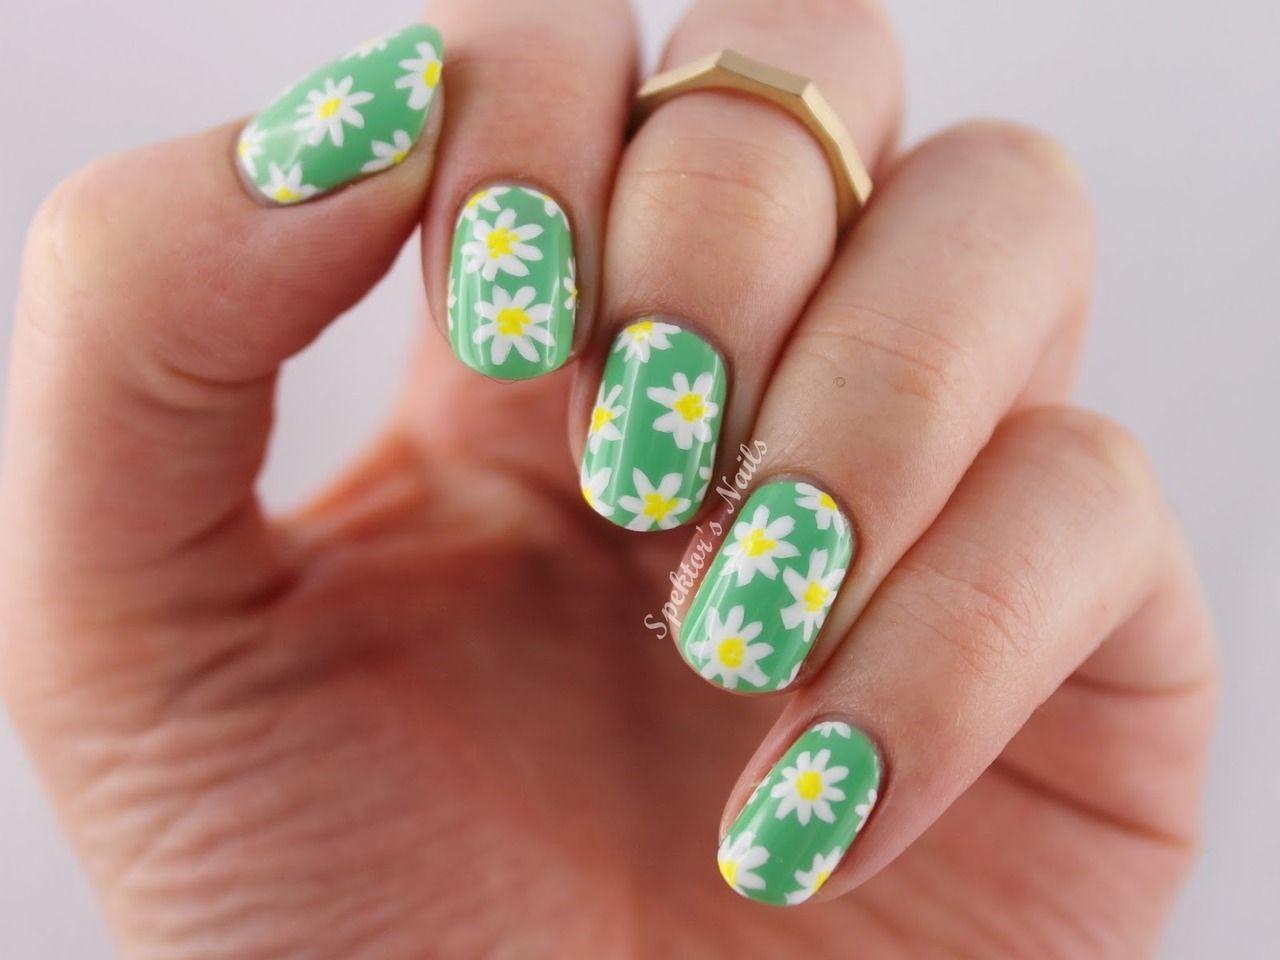 Daily nails nails daisies daisy nail art diy nails nail ideas nail ...